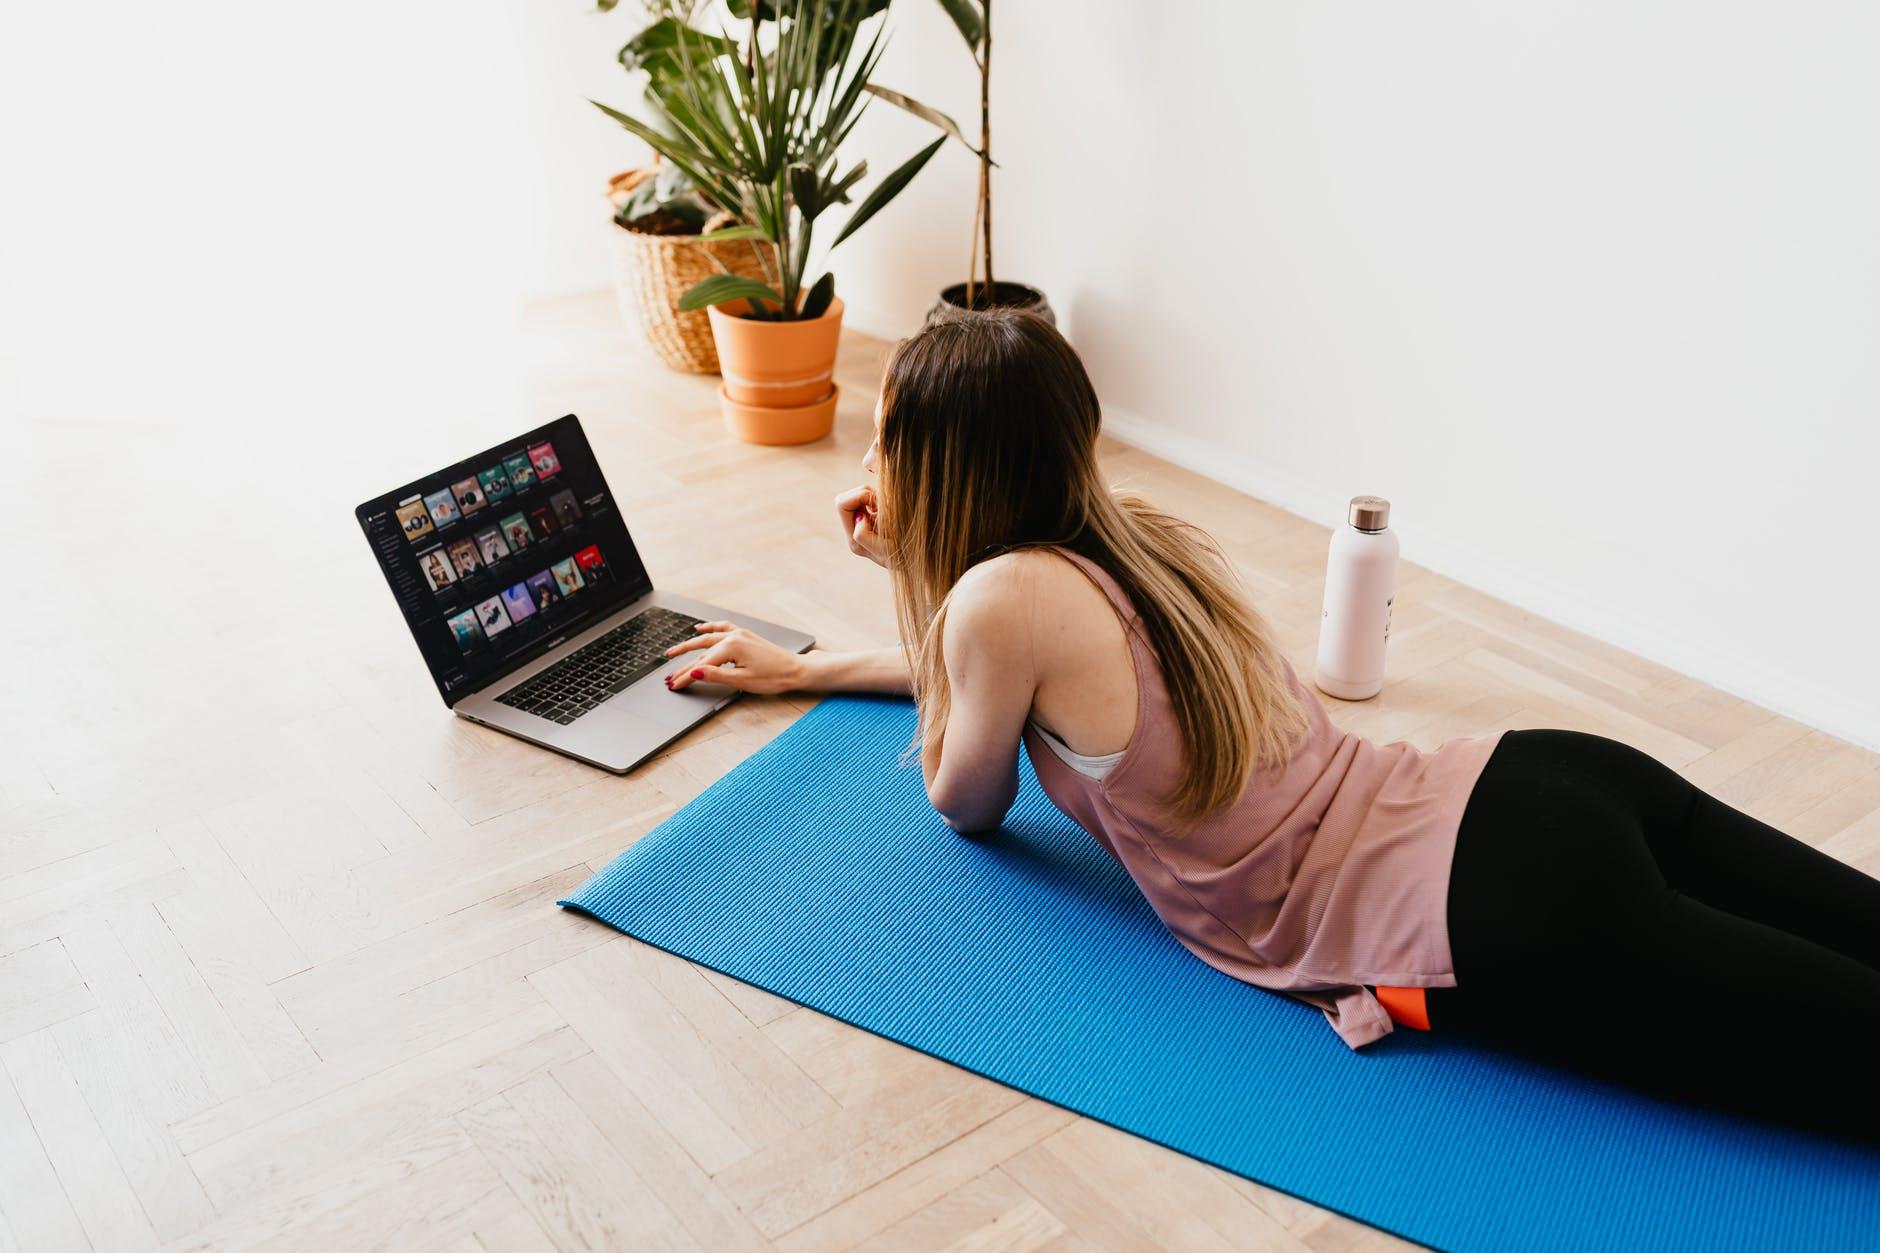 Entrainement physique - Les astuces pour mettre en place votre programme